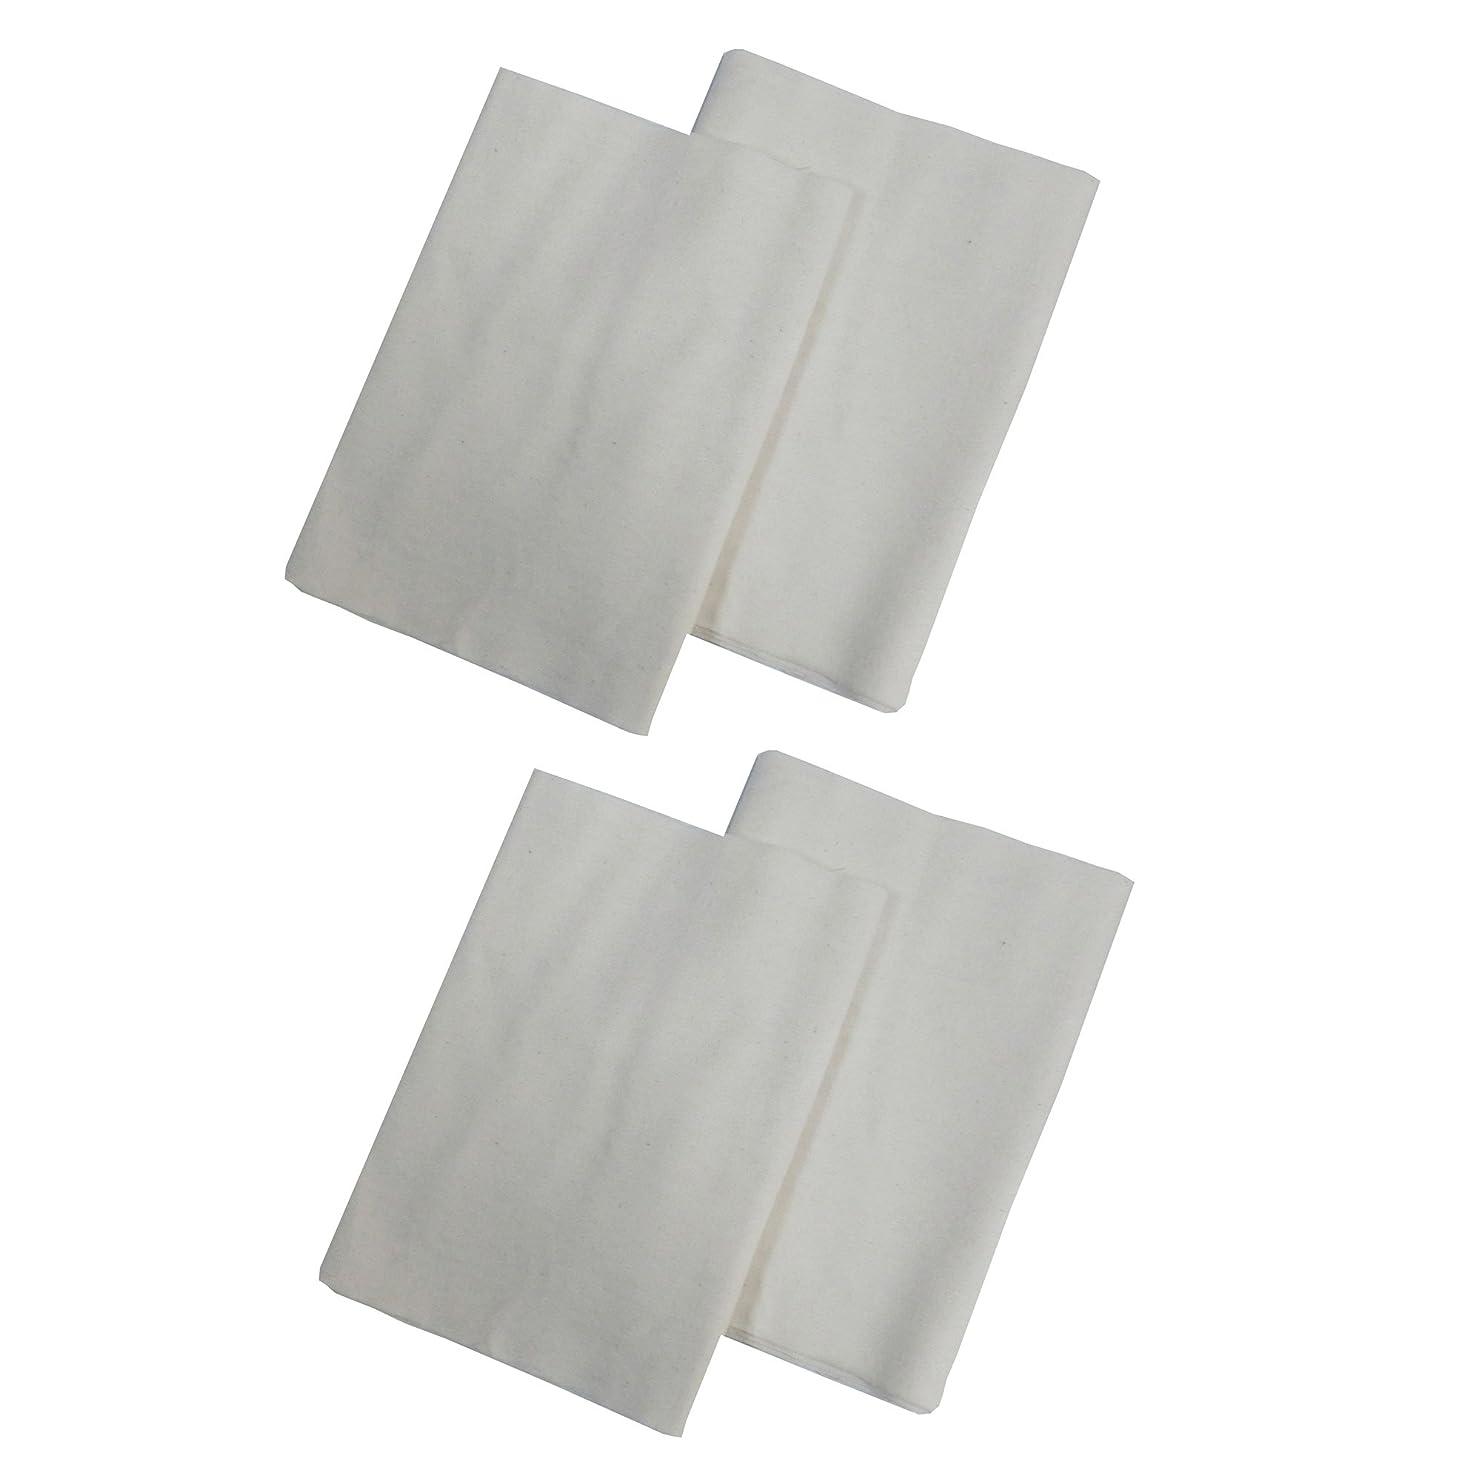 コットンフランネル4枚組(ヒマシ油用) 無添加 無漂白 平織 両面起毛フランネル生成